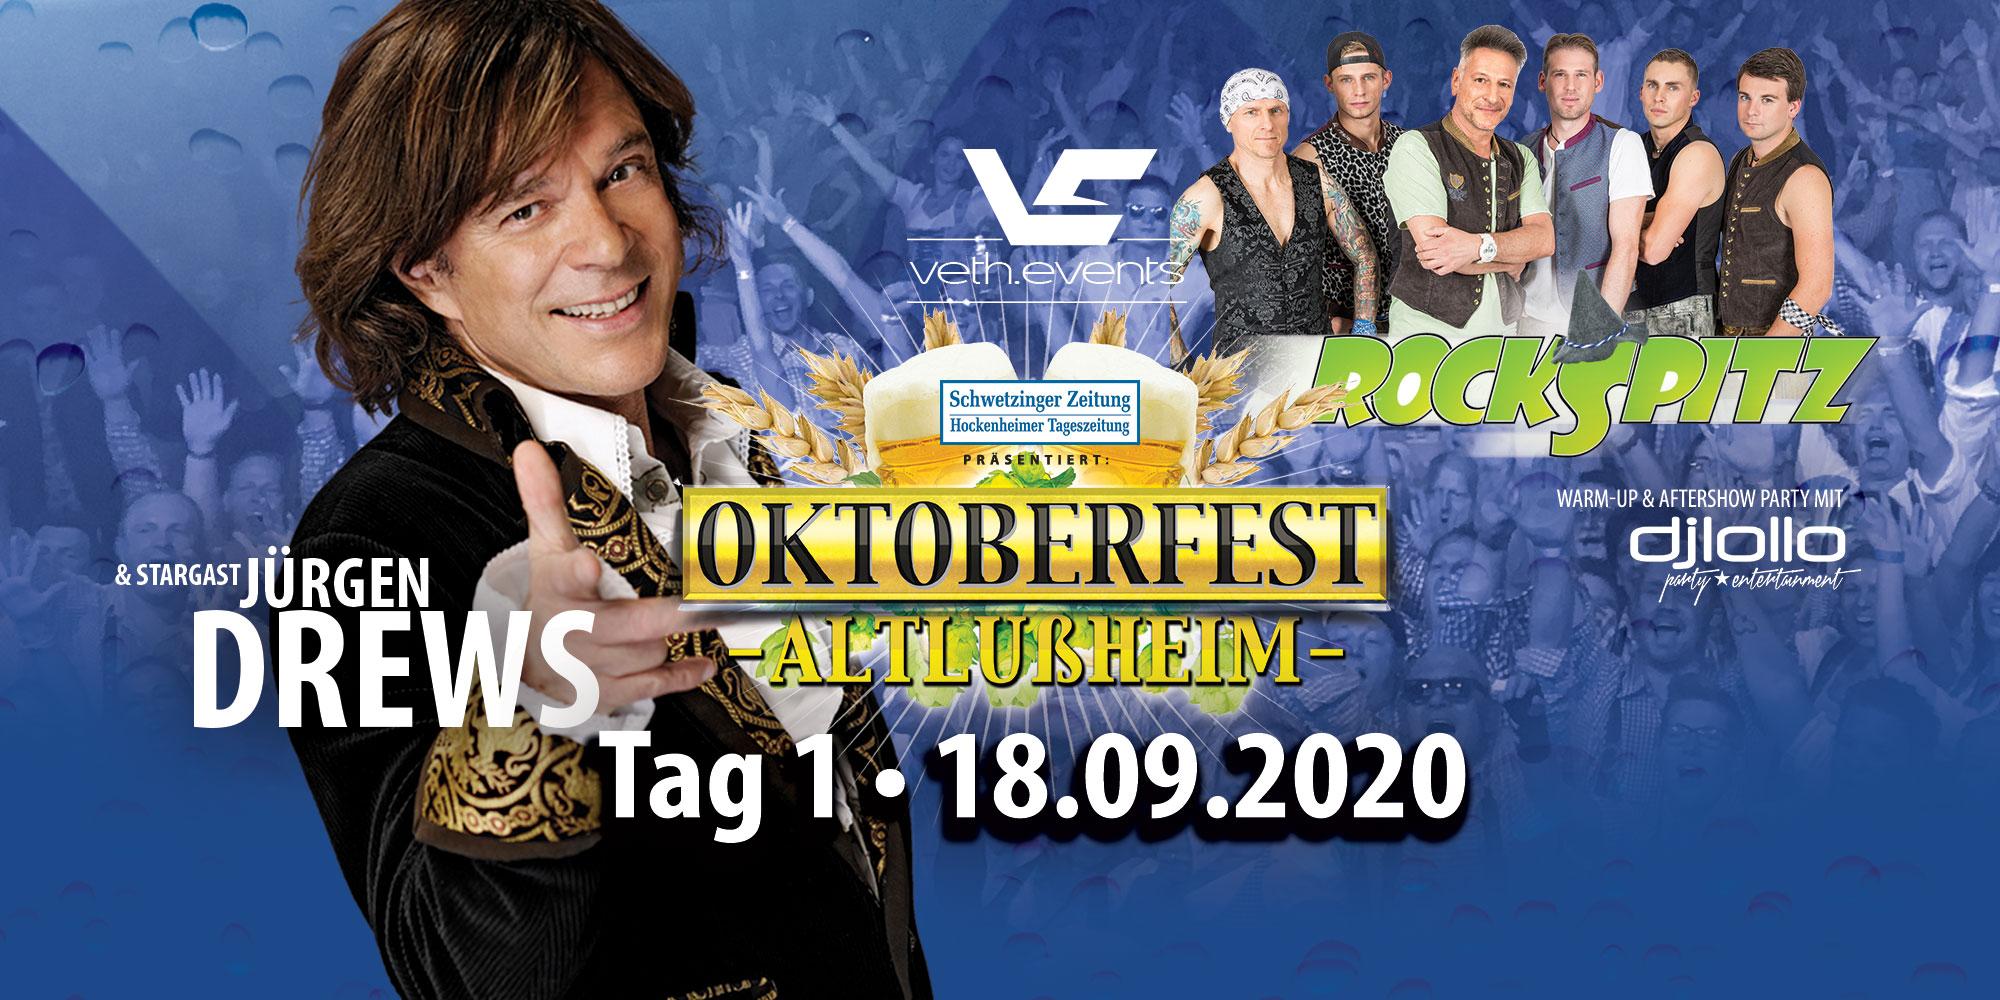 Oktoberfest Altlußheim 2020 Tag 1